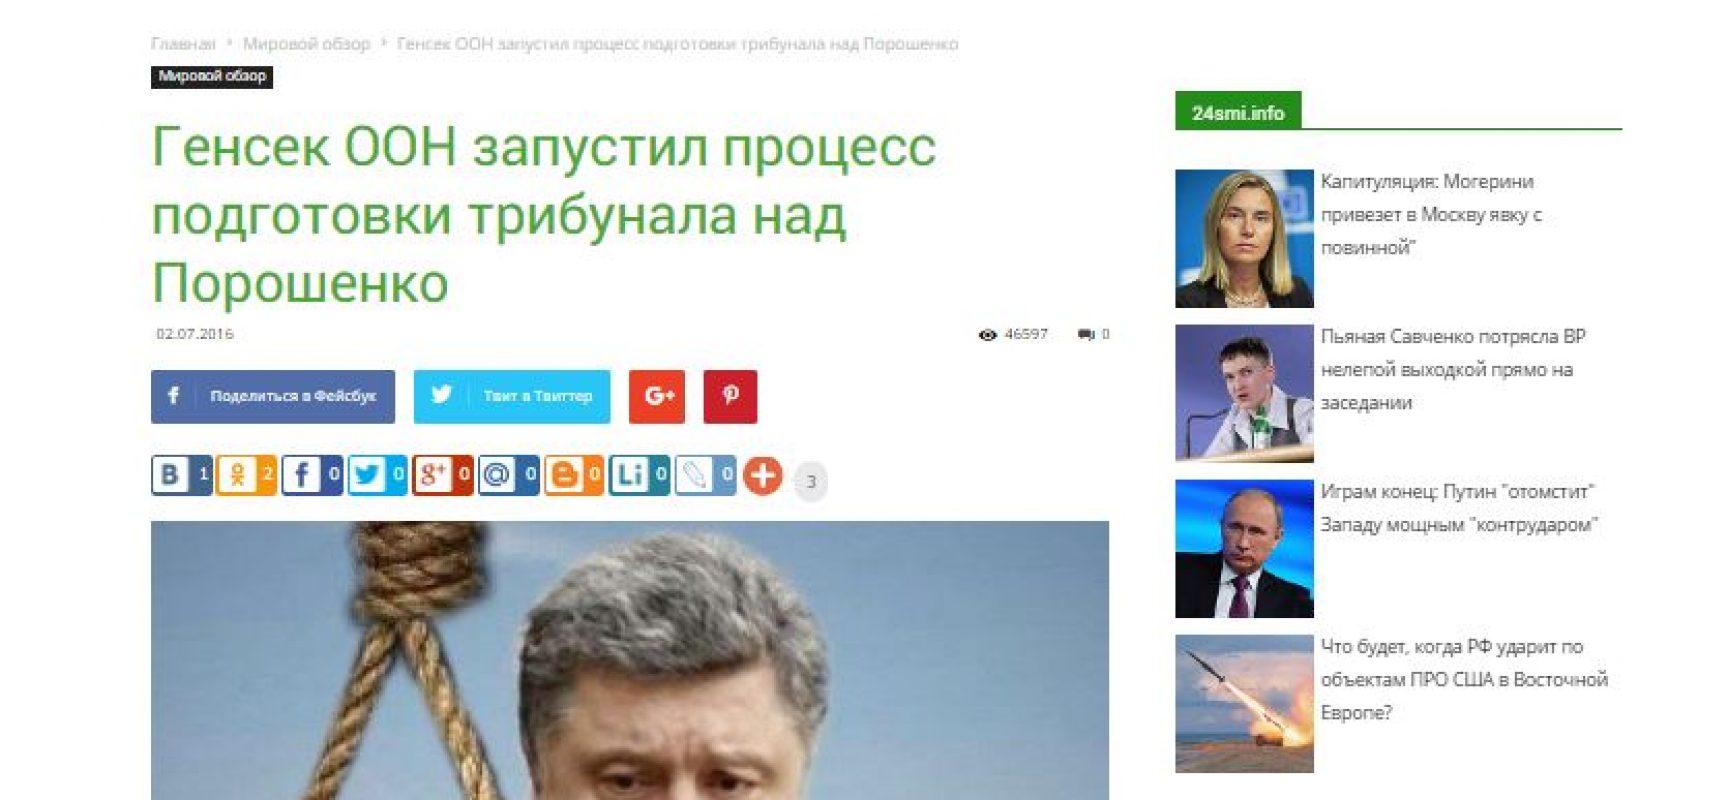 Fake: Il Segretario Generale delle Nazioni Unite ha istituito un processo nei confronti di Poroshenko